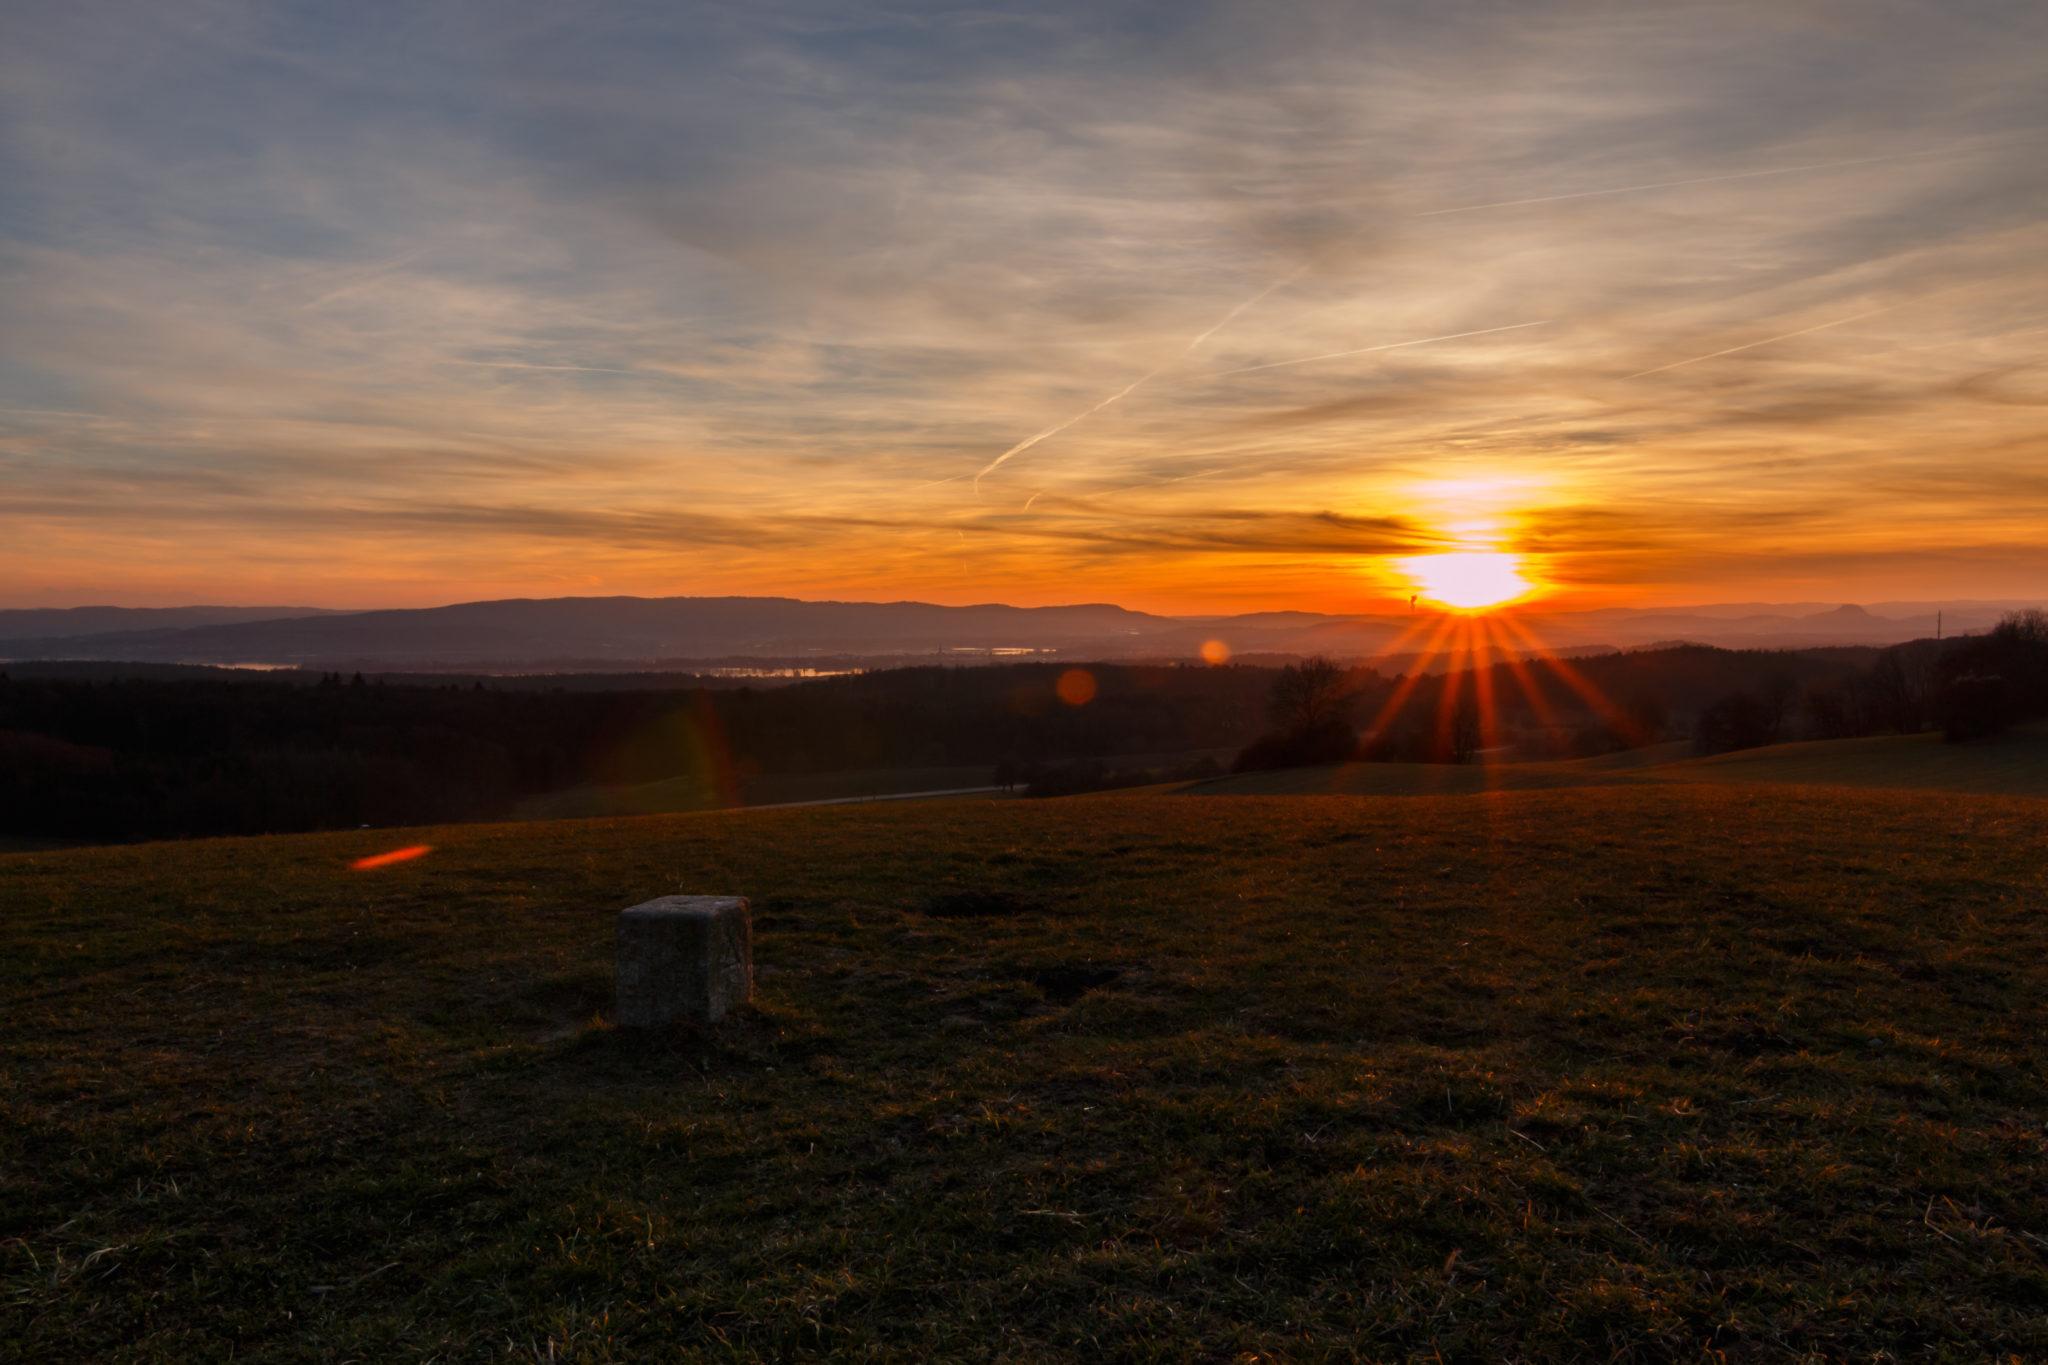 Sonnenuntergang am Schneckenberg